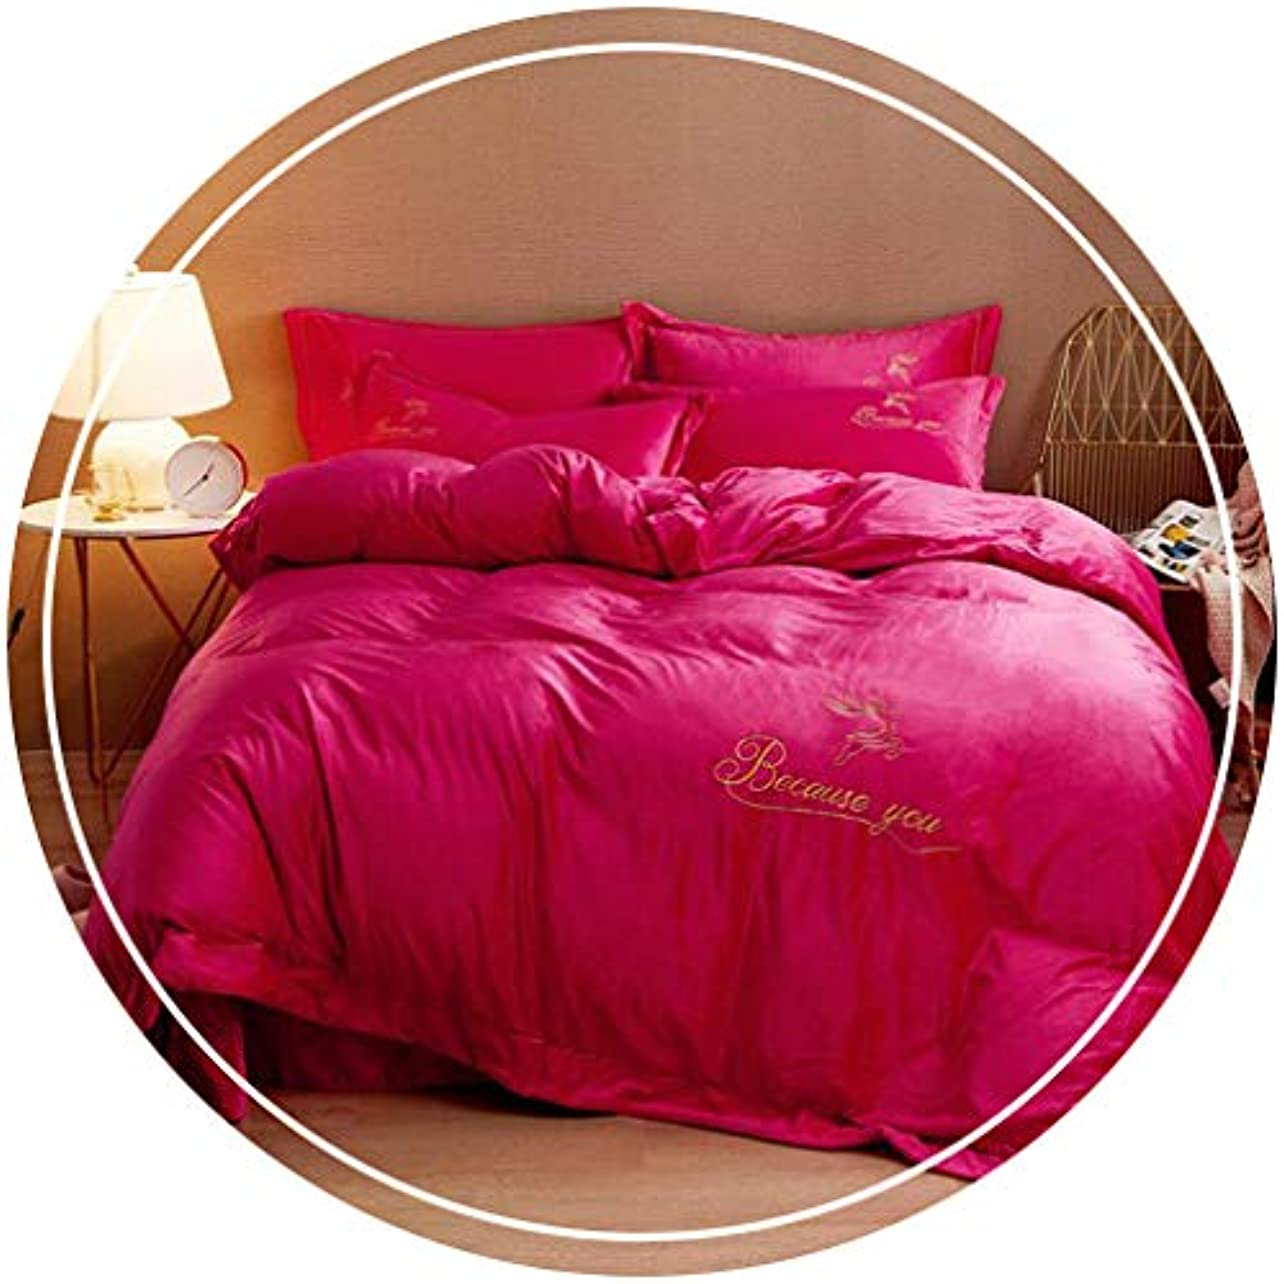 旅行申込み協同HUYYA 冬シートカバー、フランネル寝具カバーセット 柔らかく快適 4枚セットのシート マイクロファイバー シーツと枕セット,Rose powder_Standard